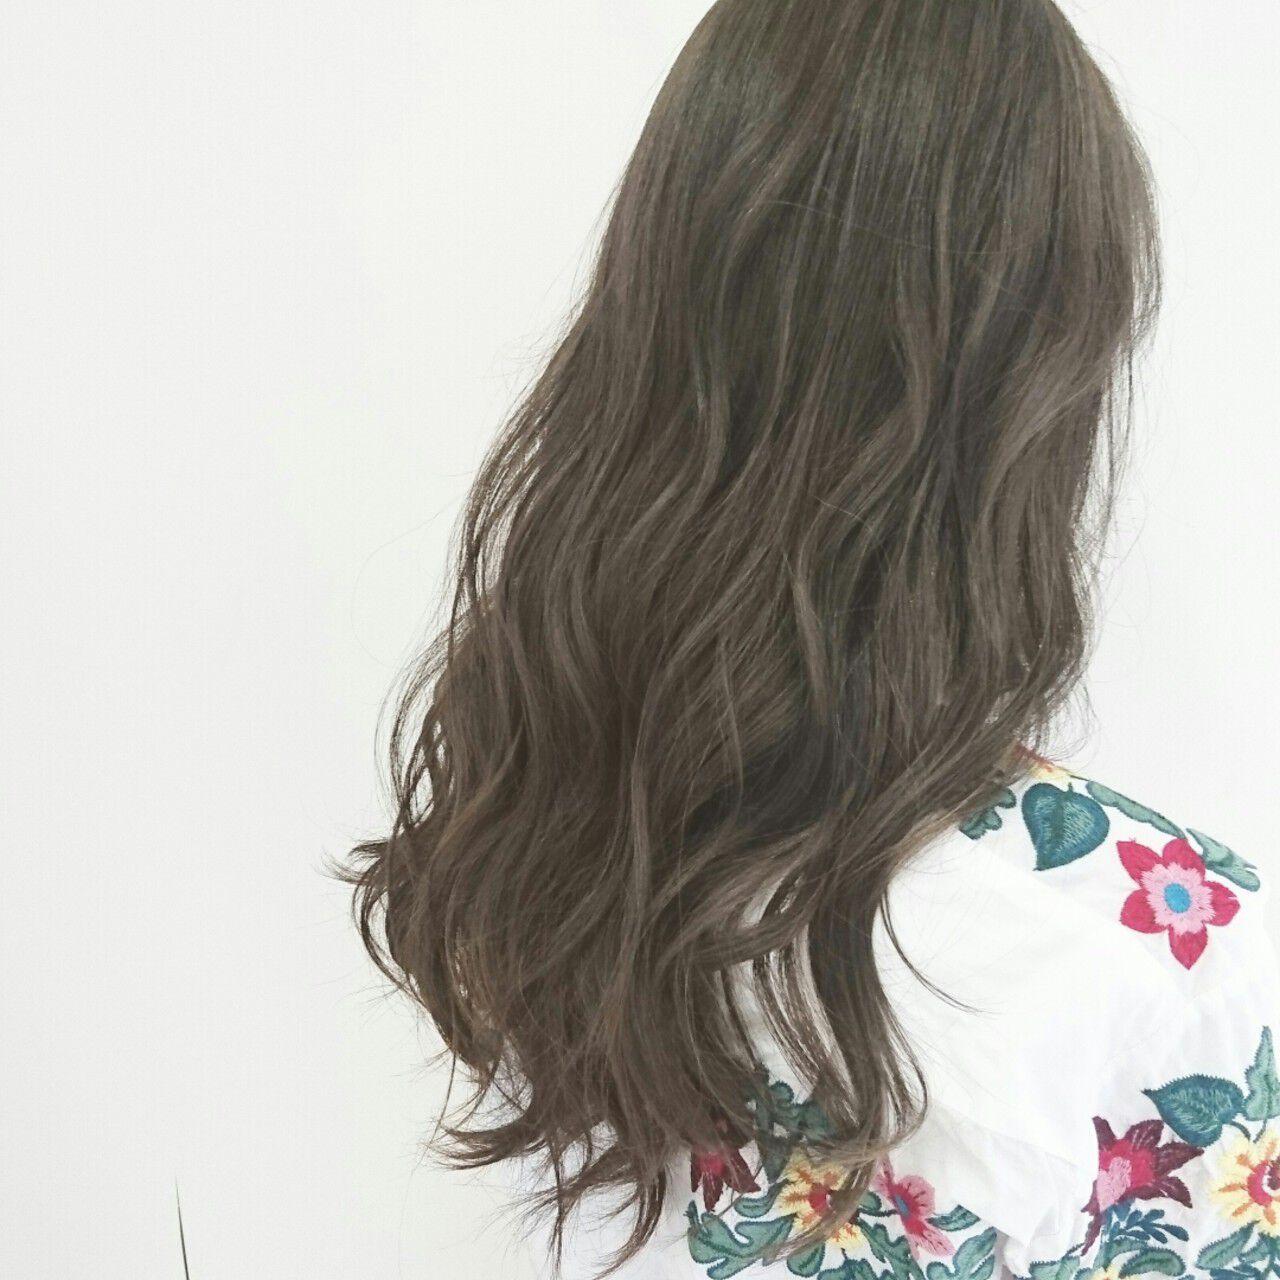 アッシュグレージュ 大人かわいい ロング ナチュラルヘアスタイルや髪型の写真・画像